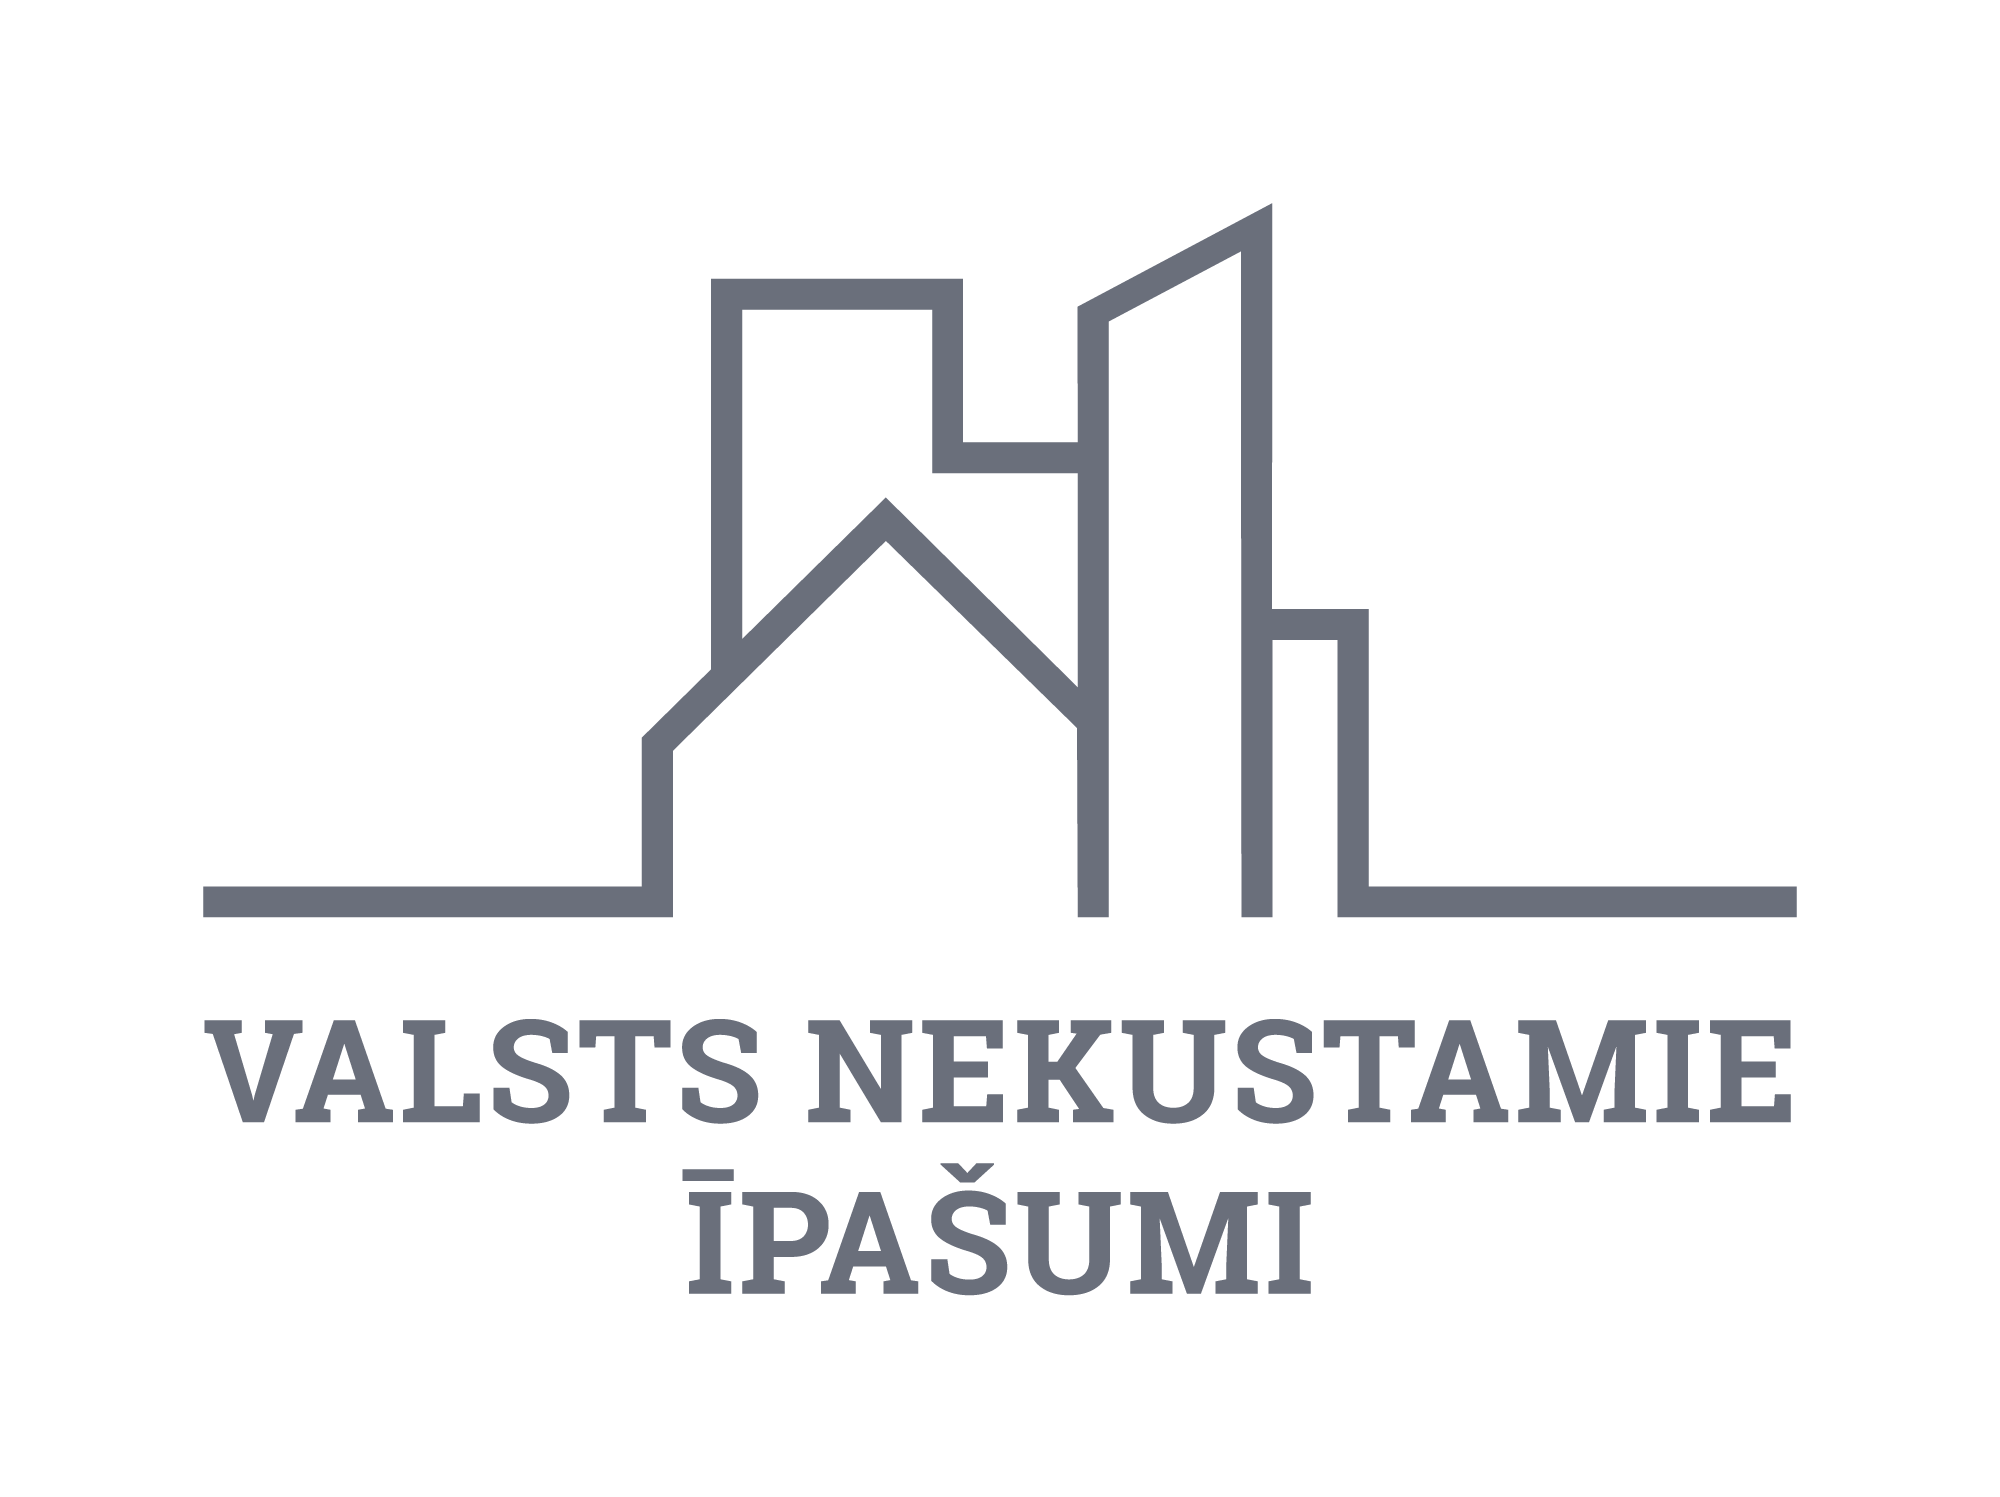 Valsts nekustamie īpašumi logotips